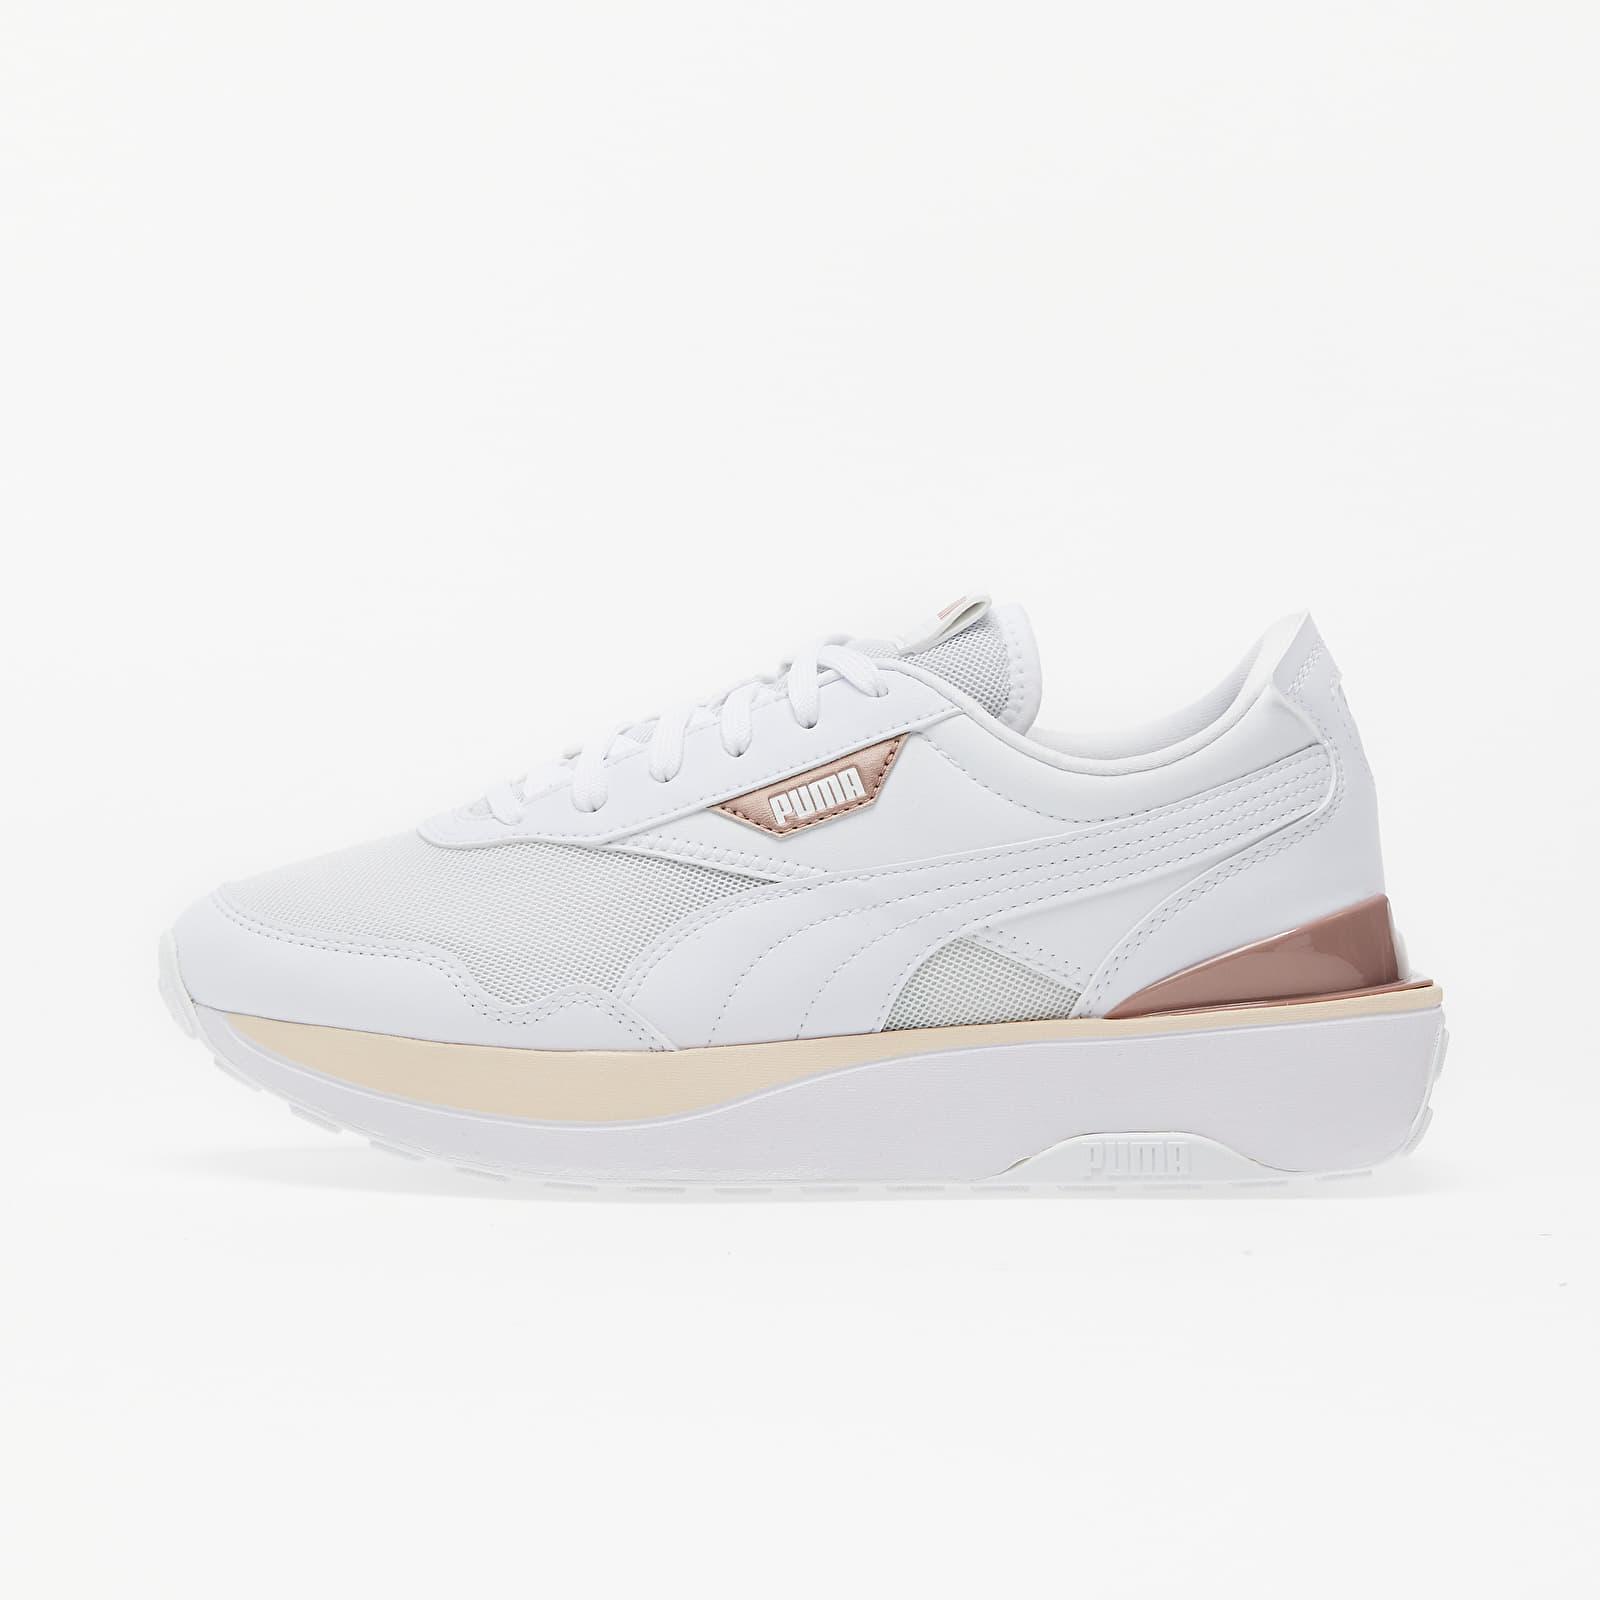 Damen Sneaker und Schuhe Puma Cruise Rider Wn S Puma White-Cloud Pink